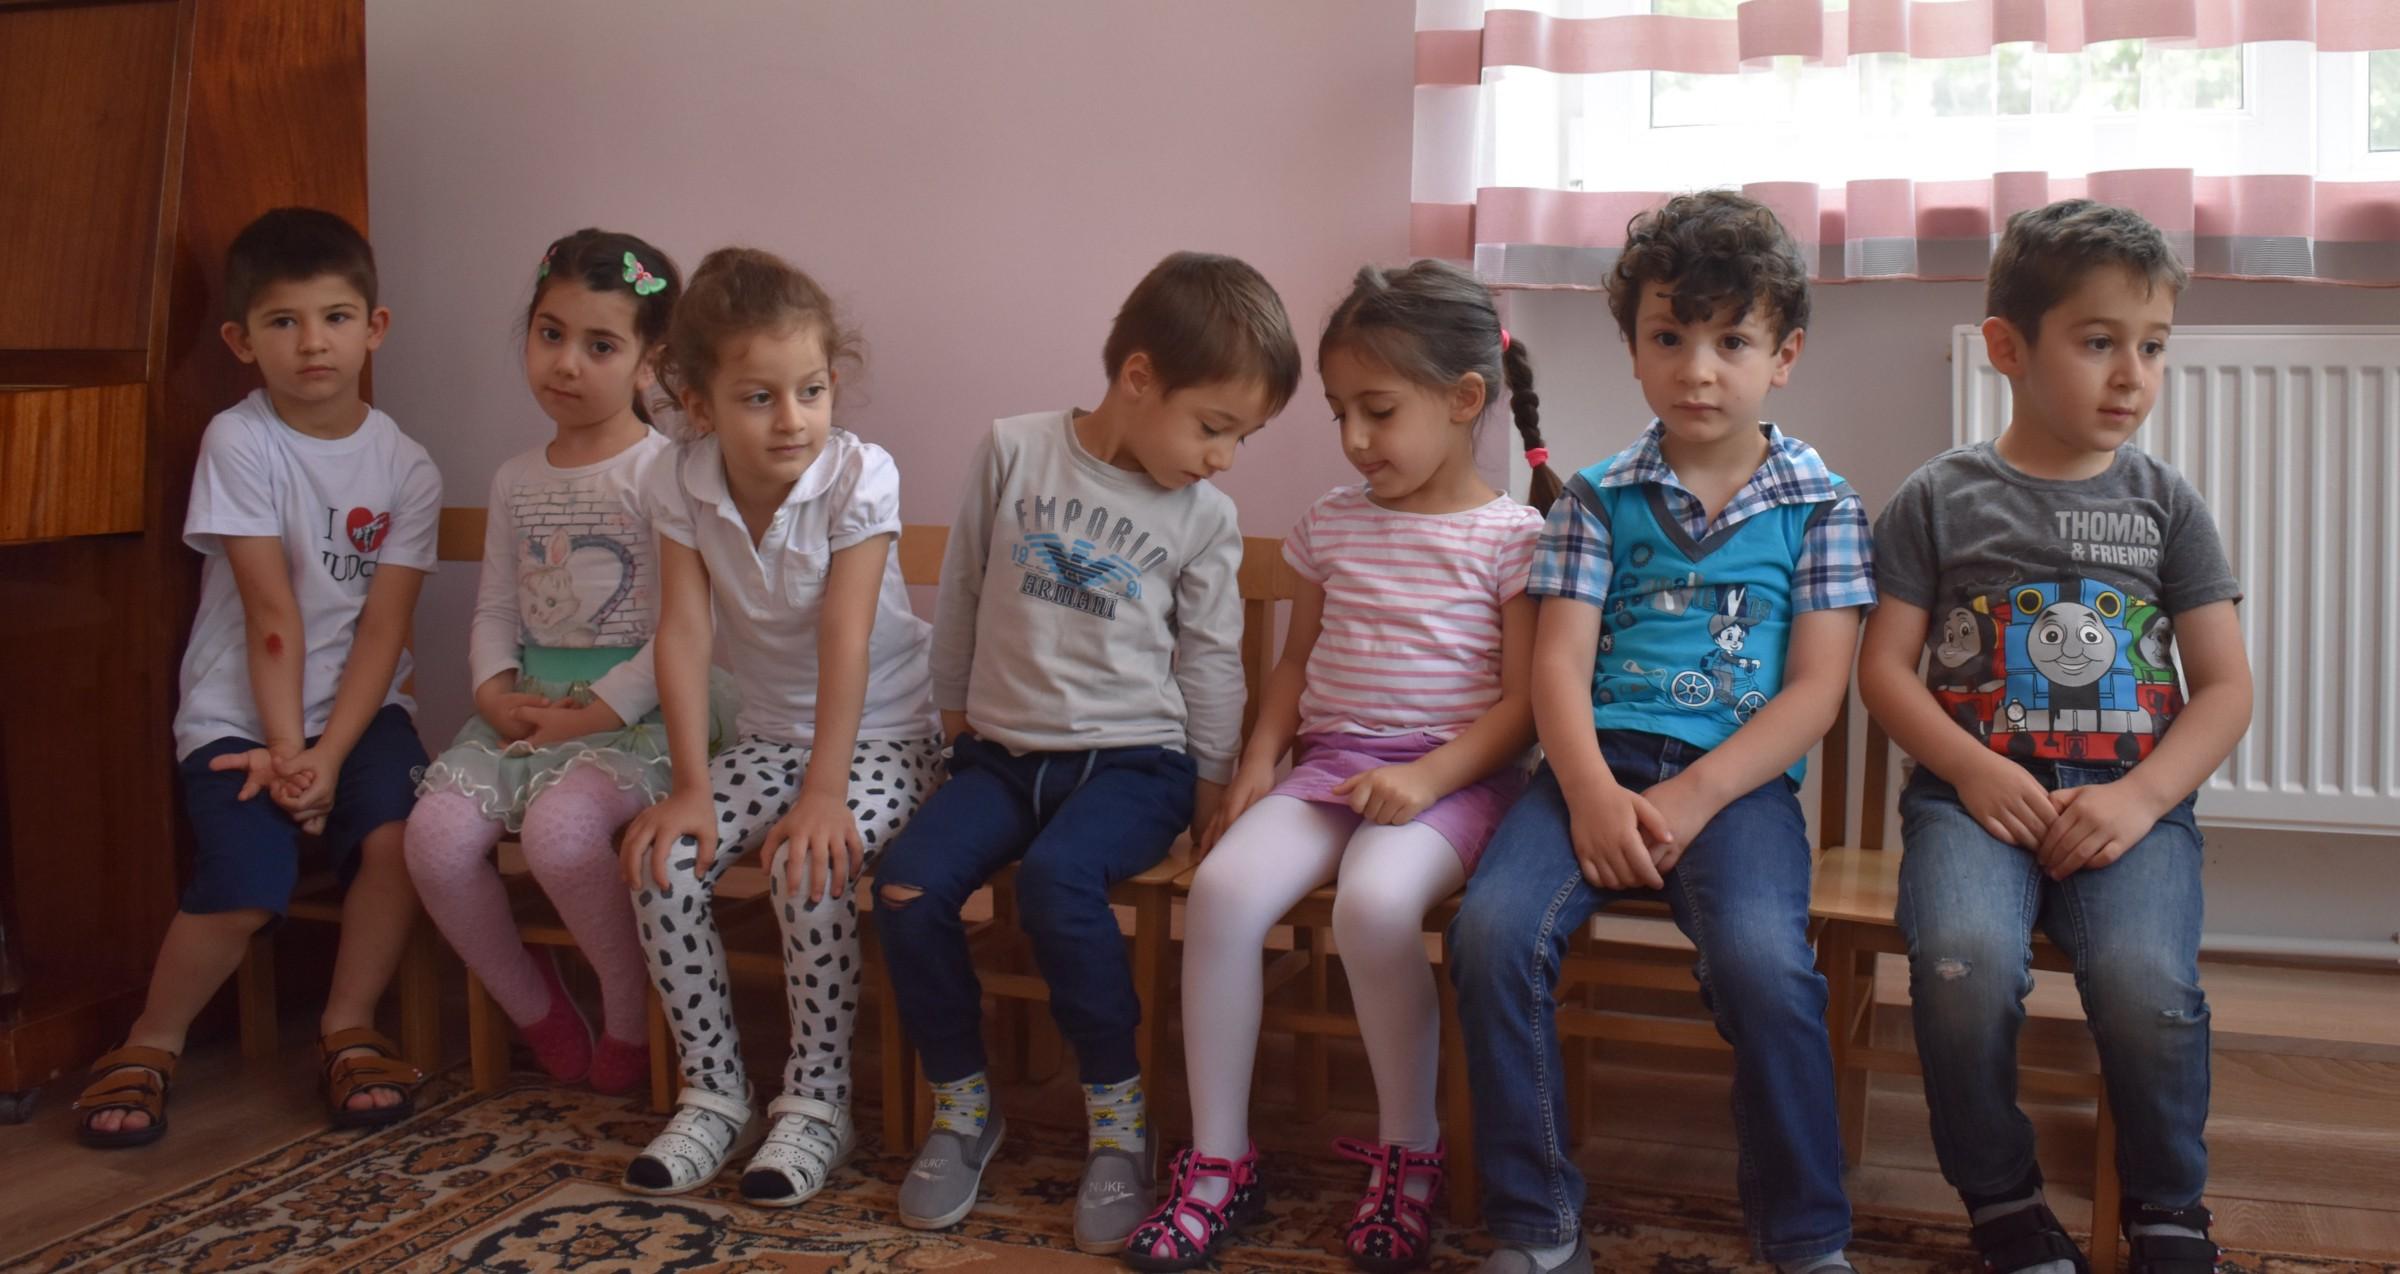 4 children at school